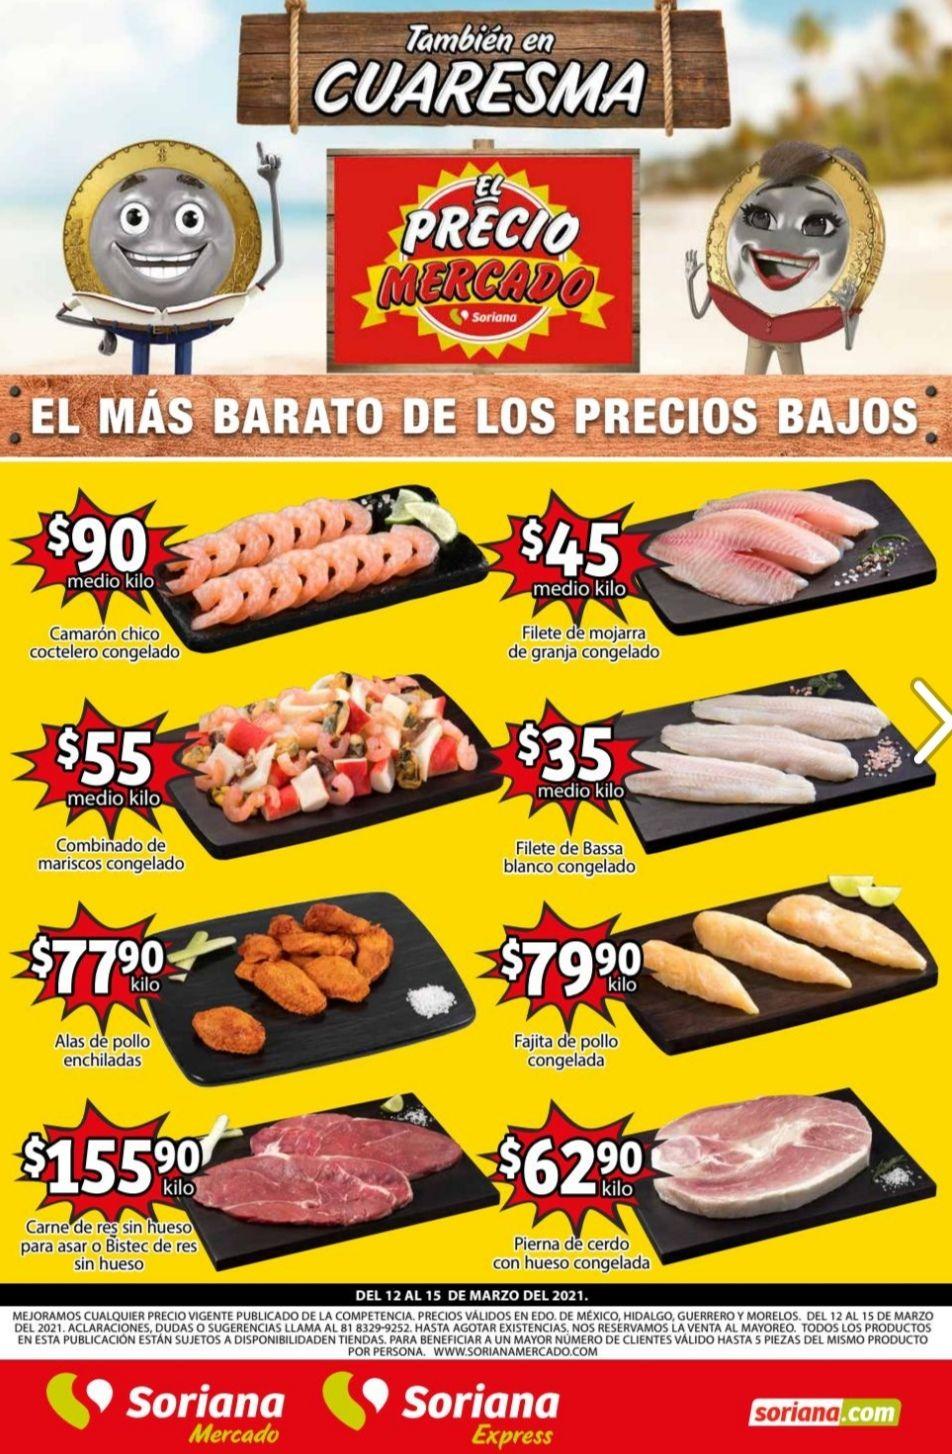 Soriana Mercado y Express: Volante de Ofertas Fin de Semana del Viernes 12 al Lunes 15 de Marzo